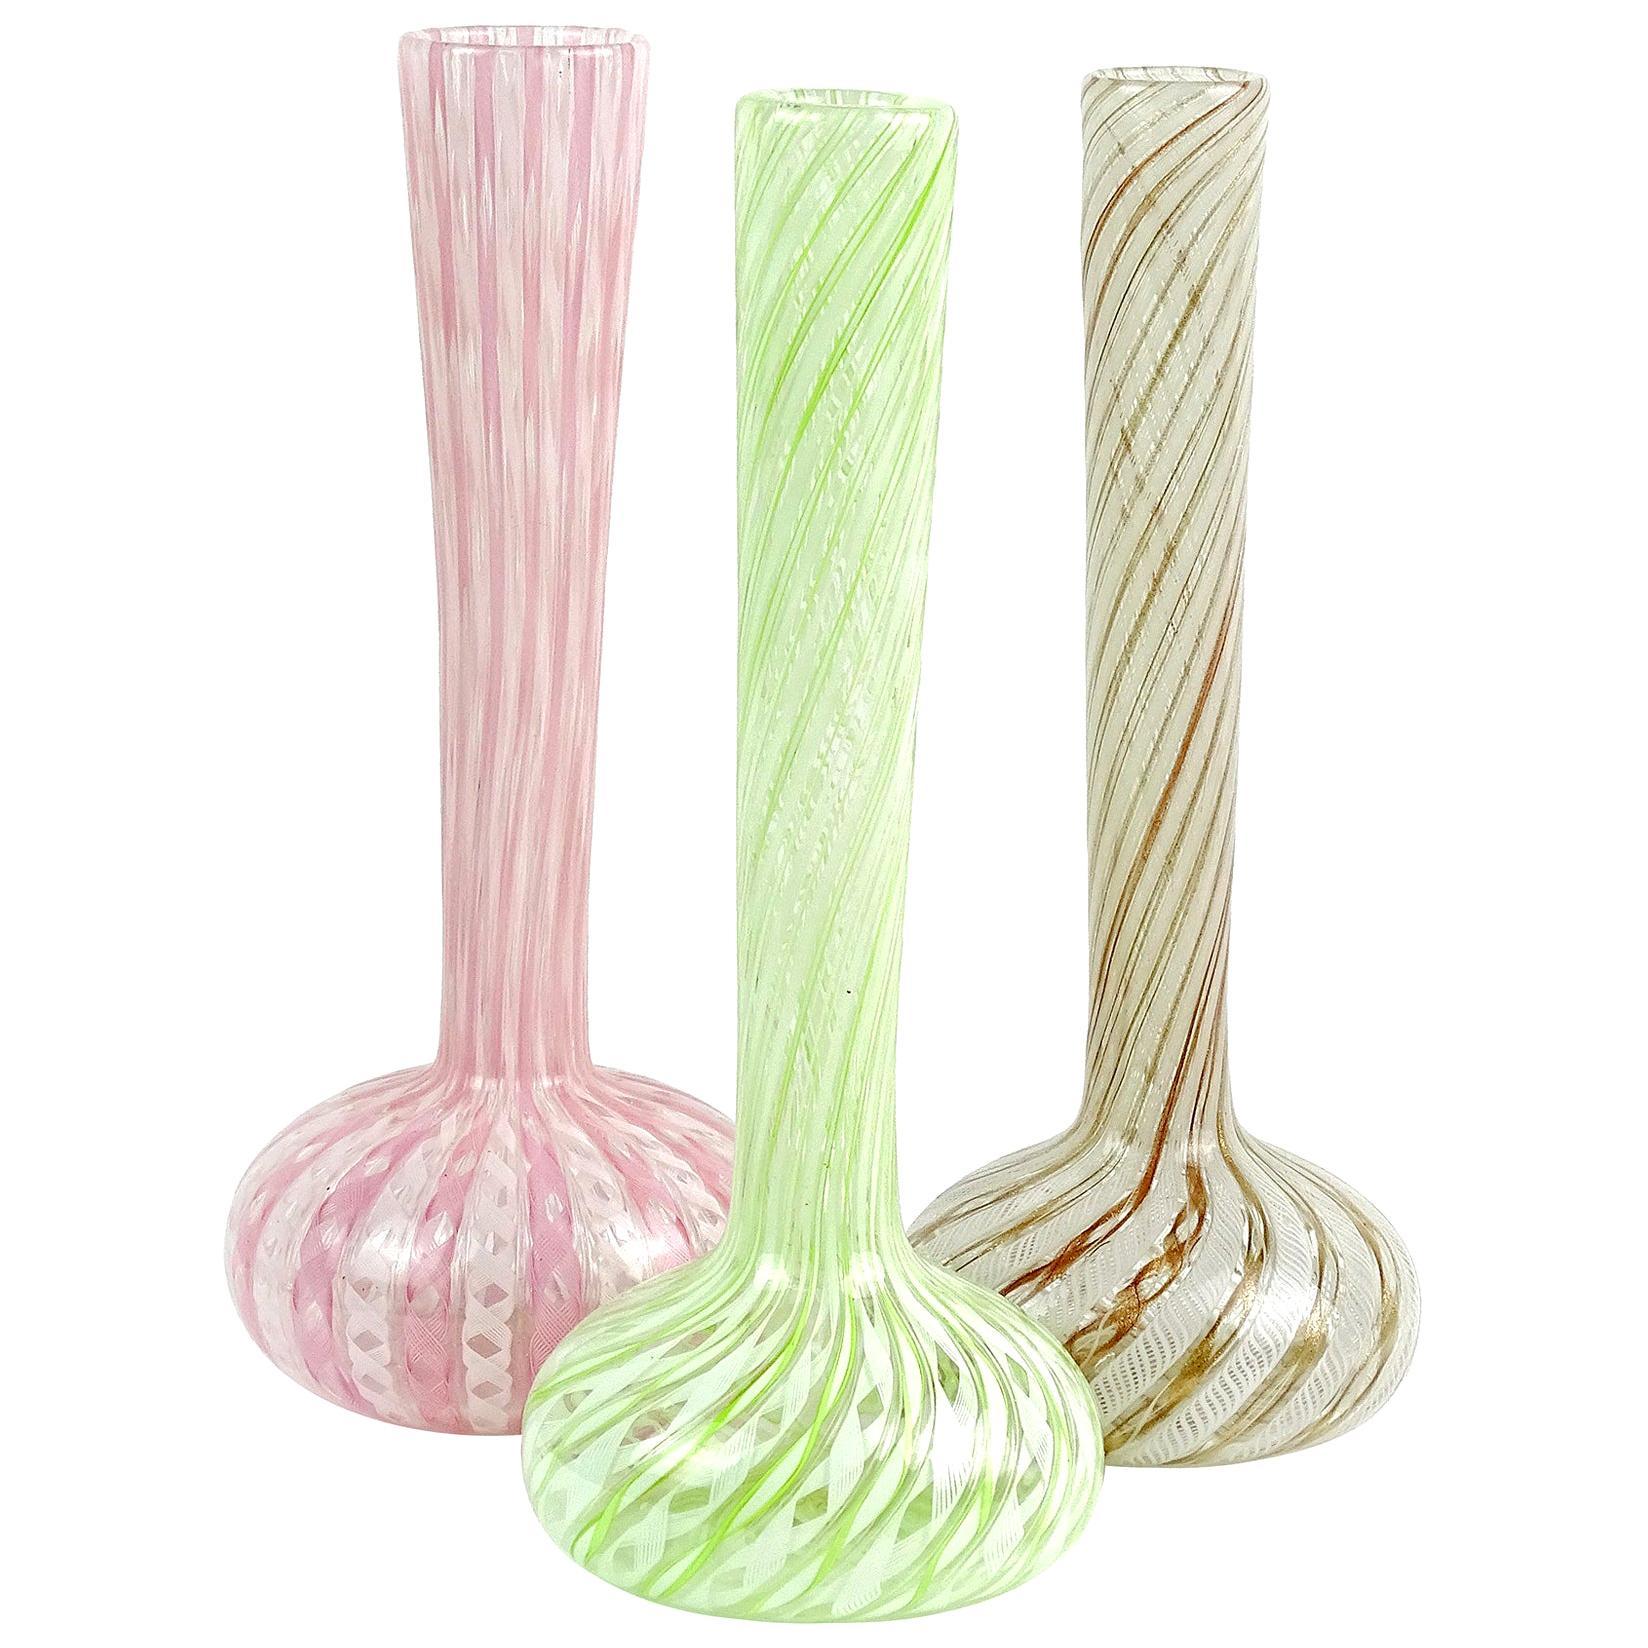 Fratelli Toso Murano Pink Green Copper Italian Art Glass Specimen Flower Vases